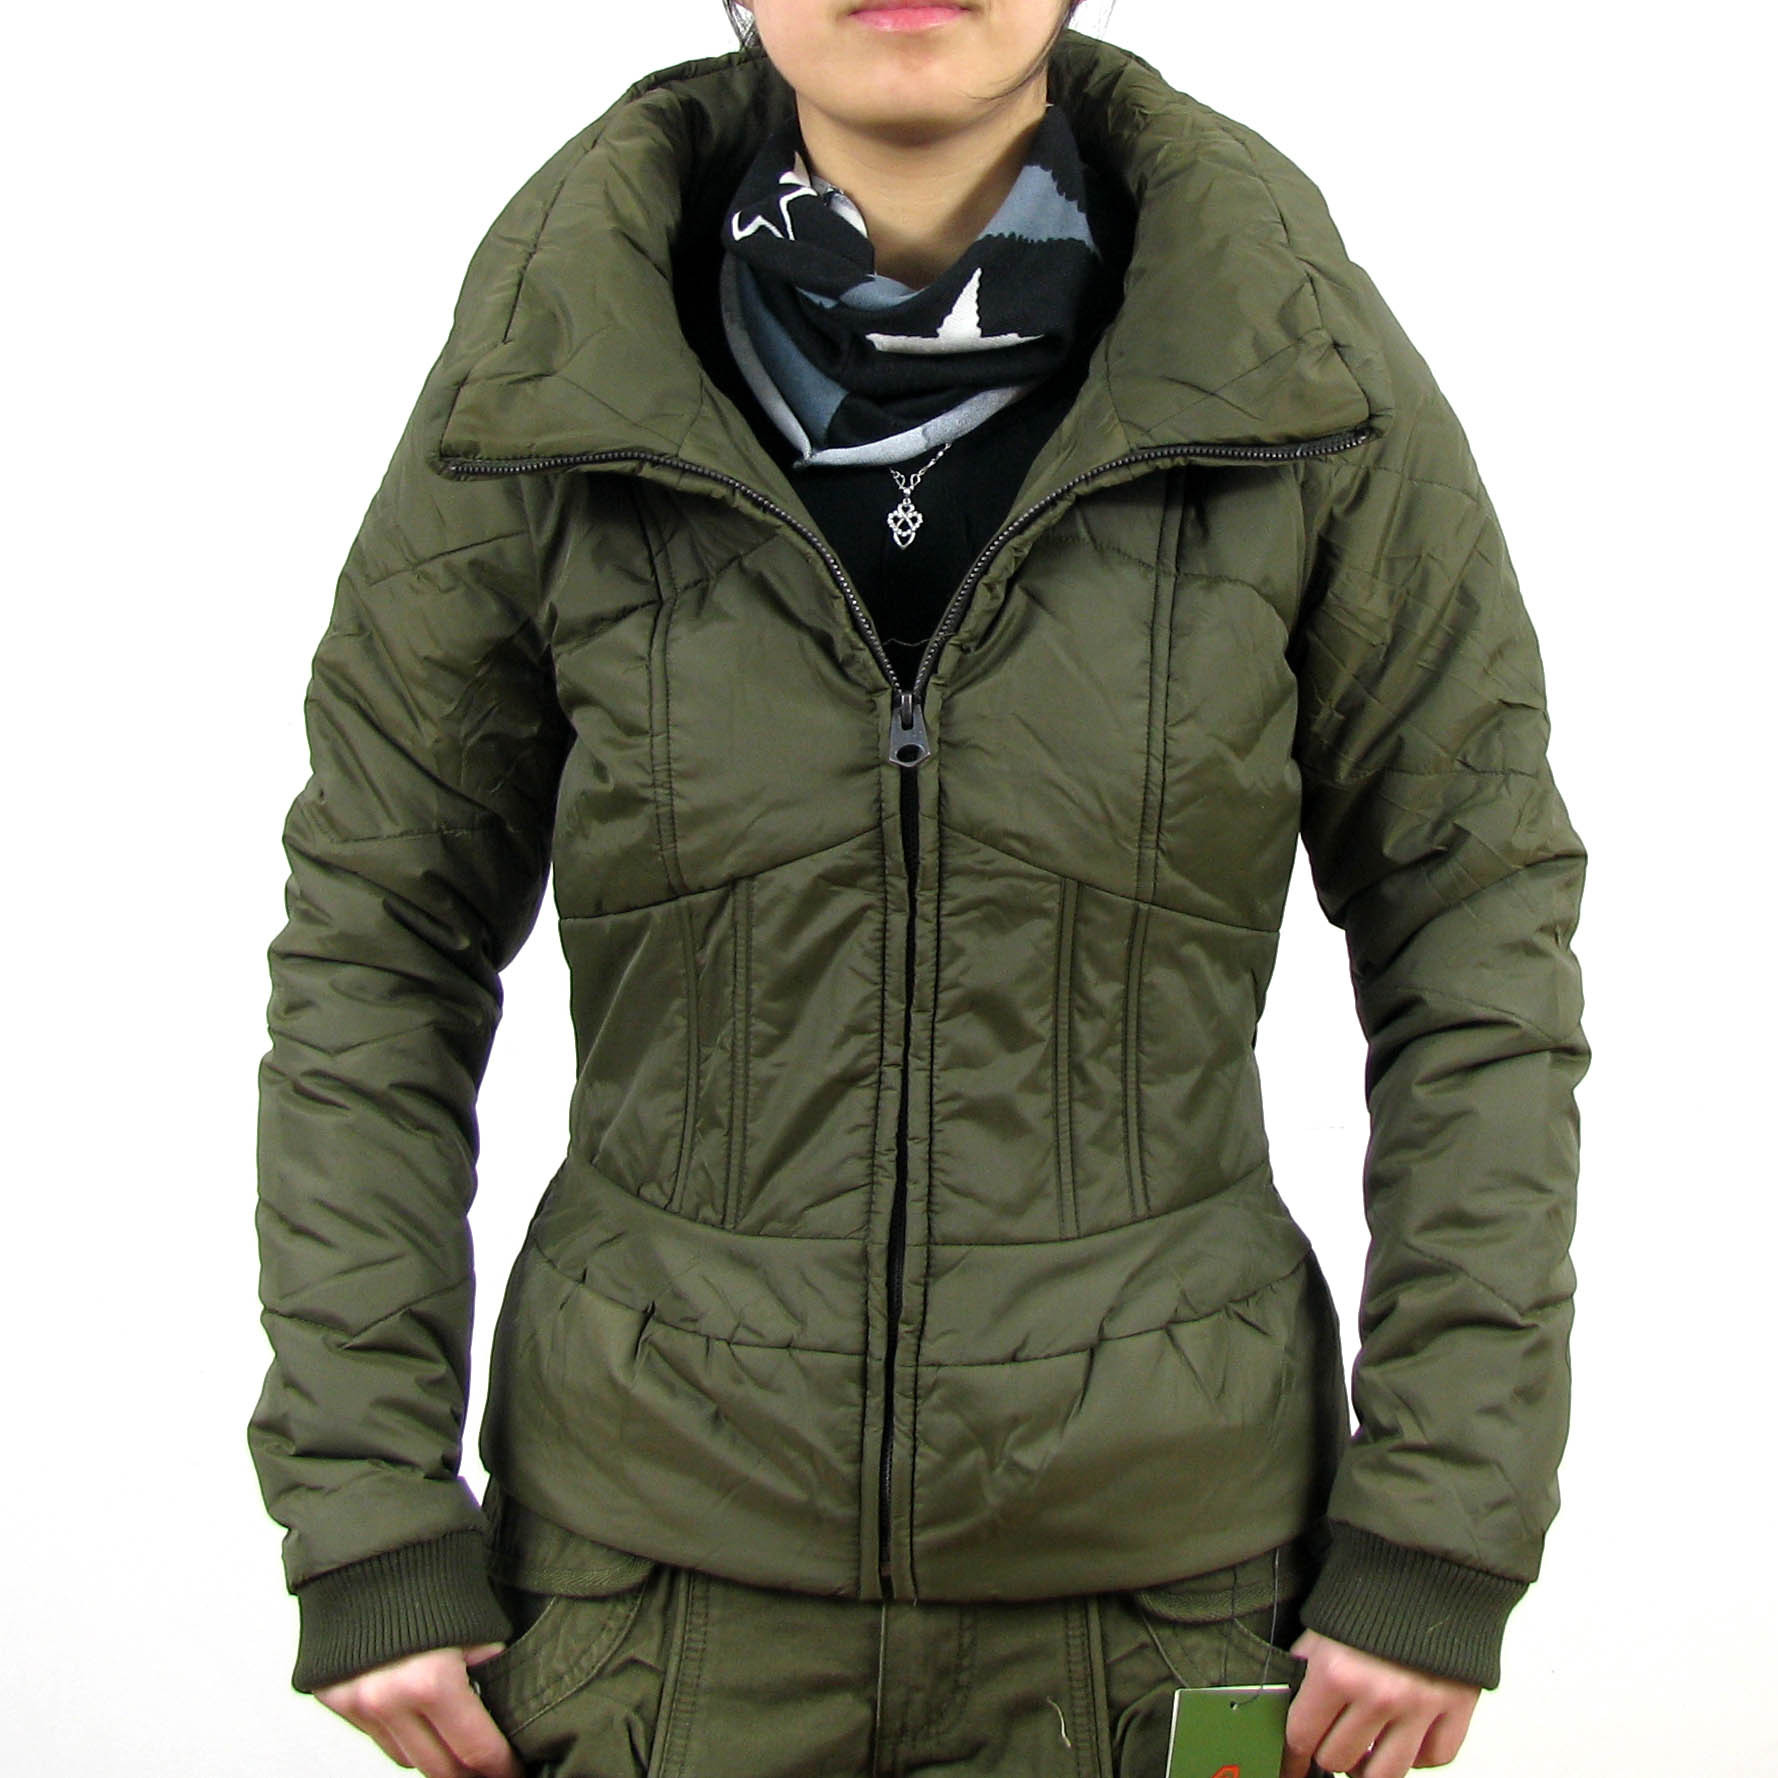 Купить Куртки Милитари Оптом